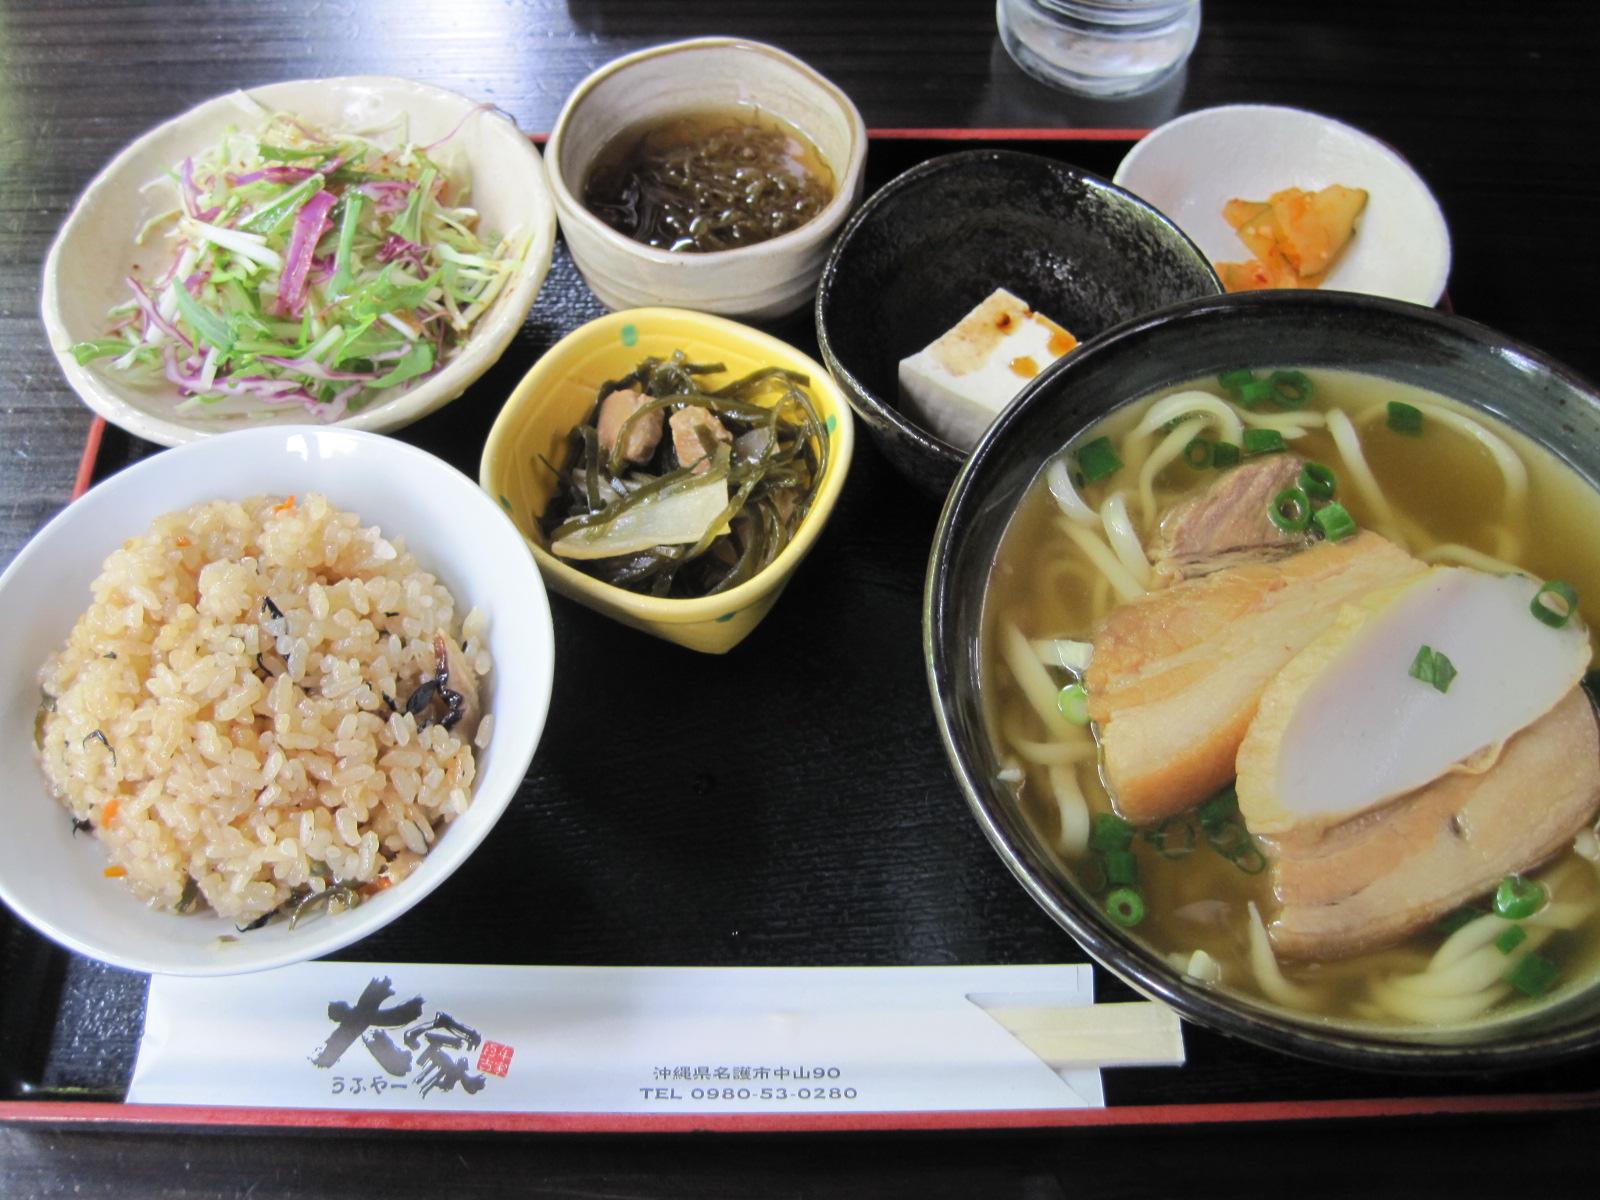 沖縄旅行 2日目_a0100818_22252487.jpg